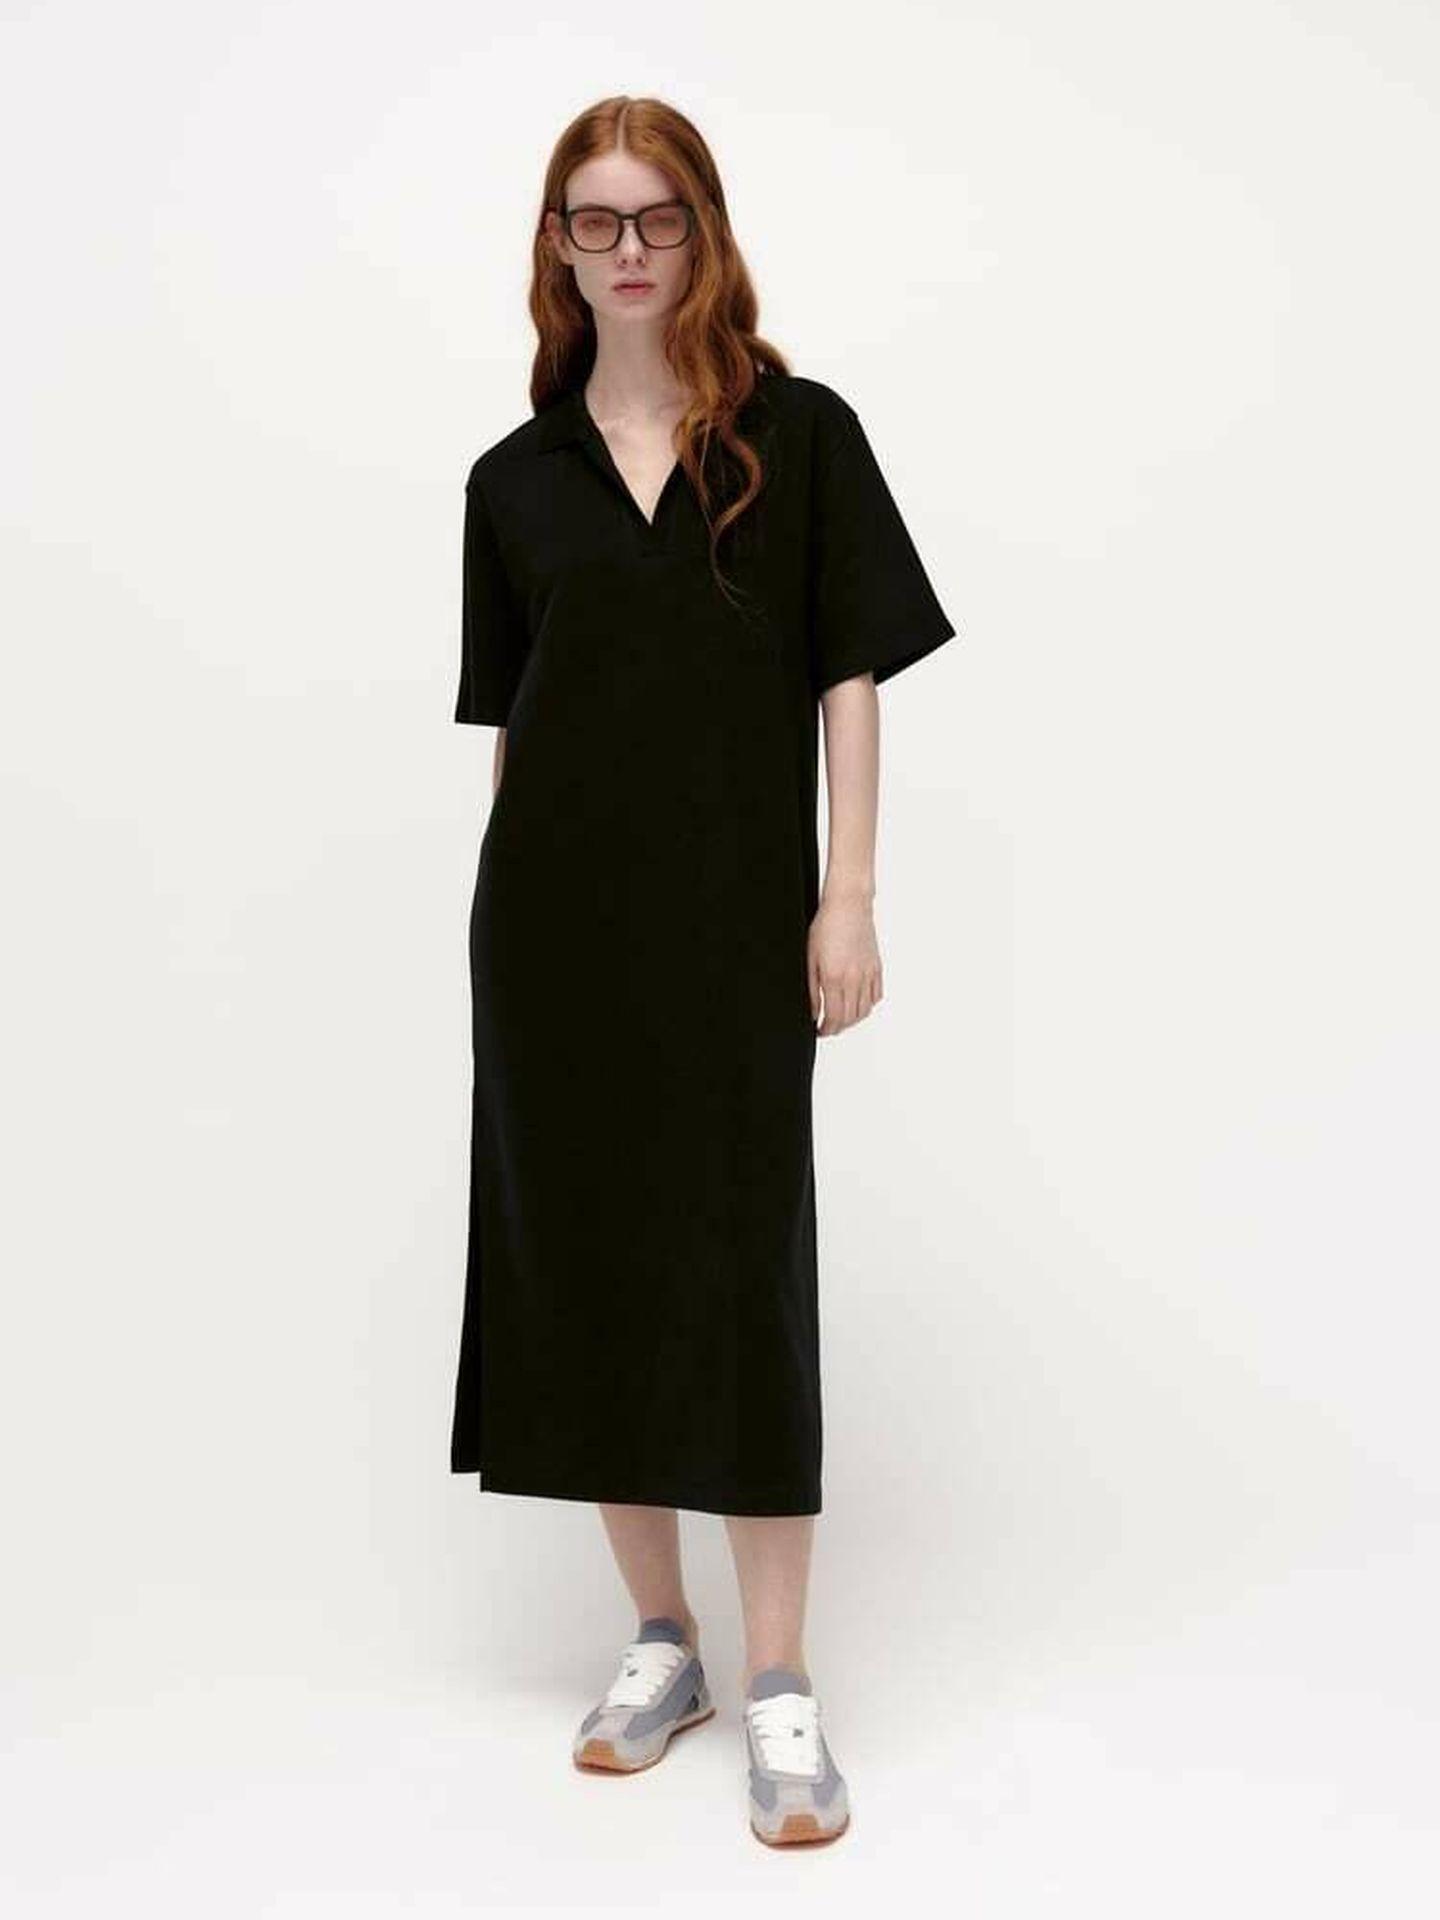 El nuevo vestido de Zara en color negro. (Cortesía)